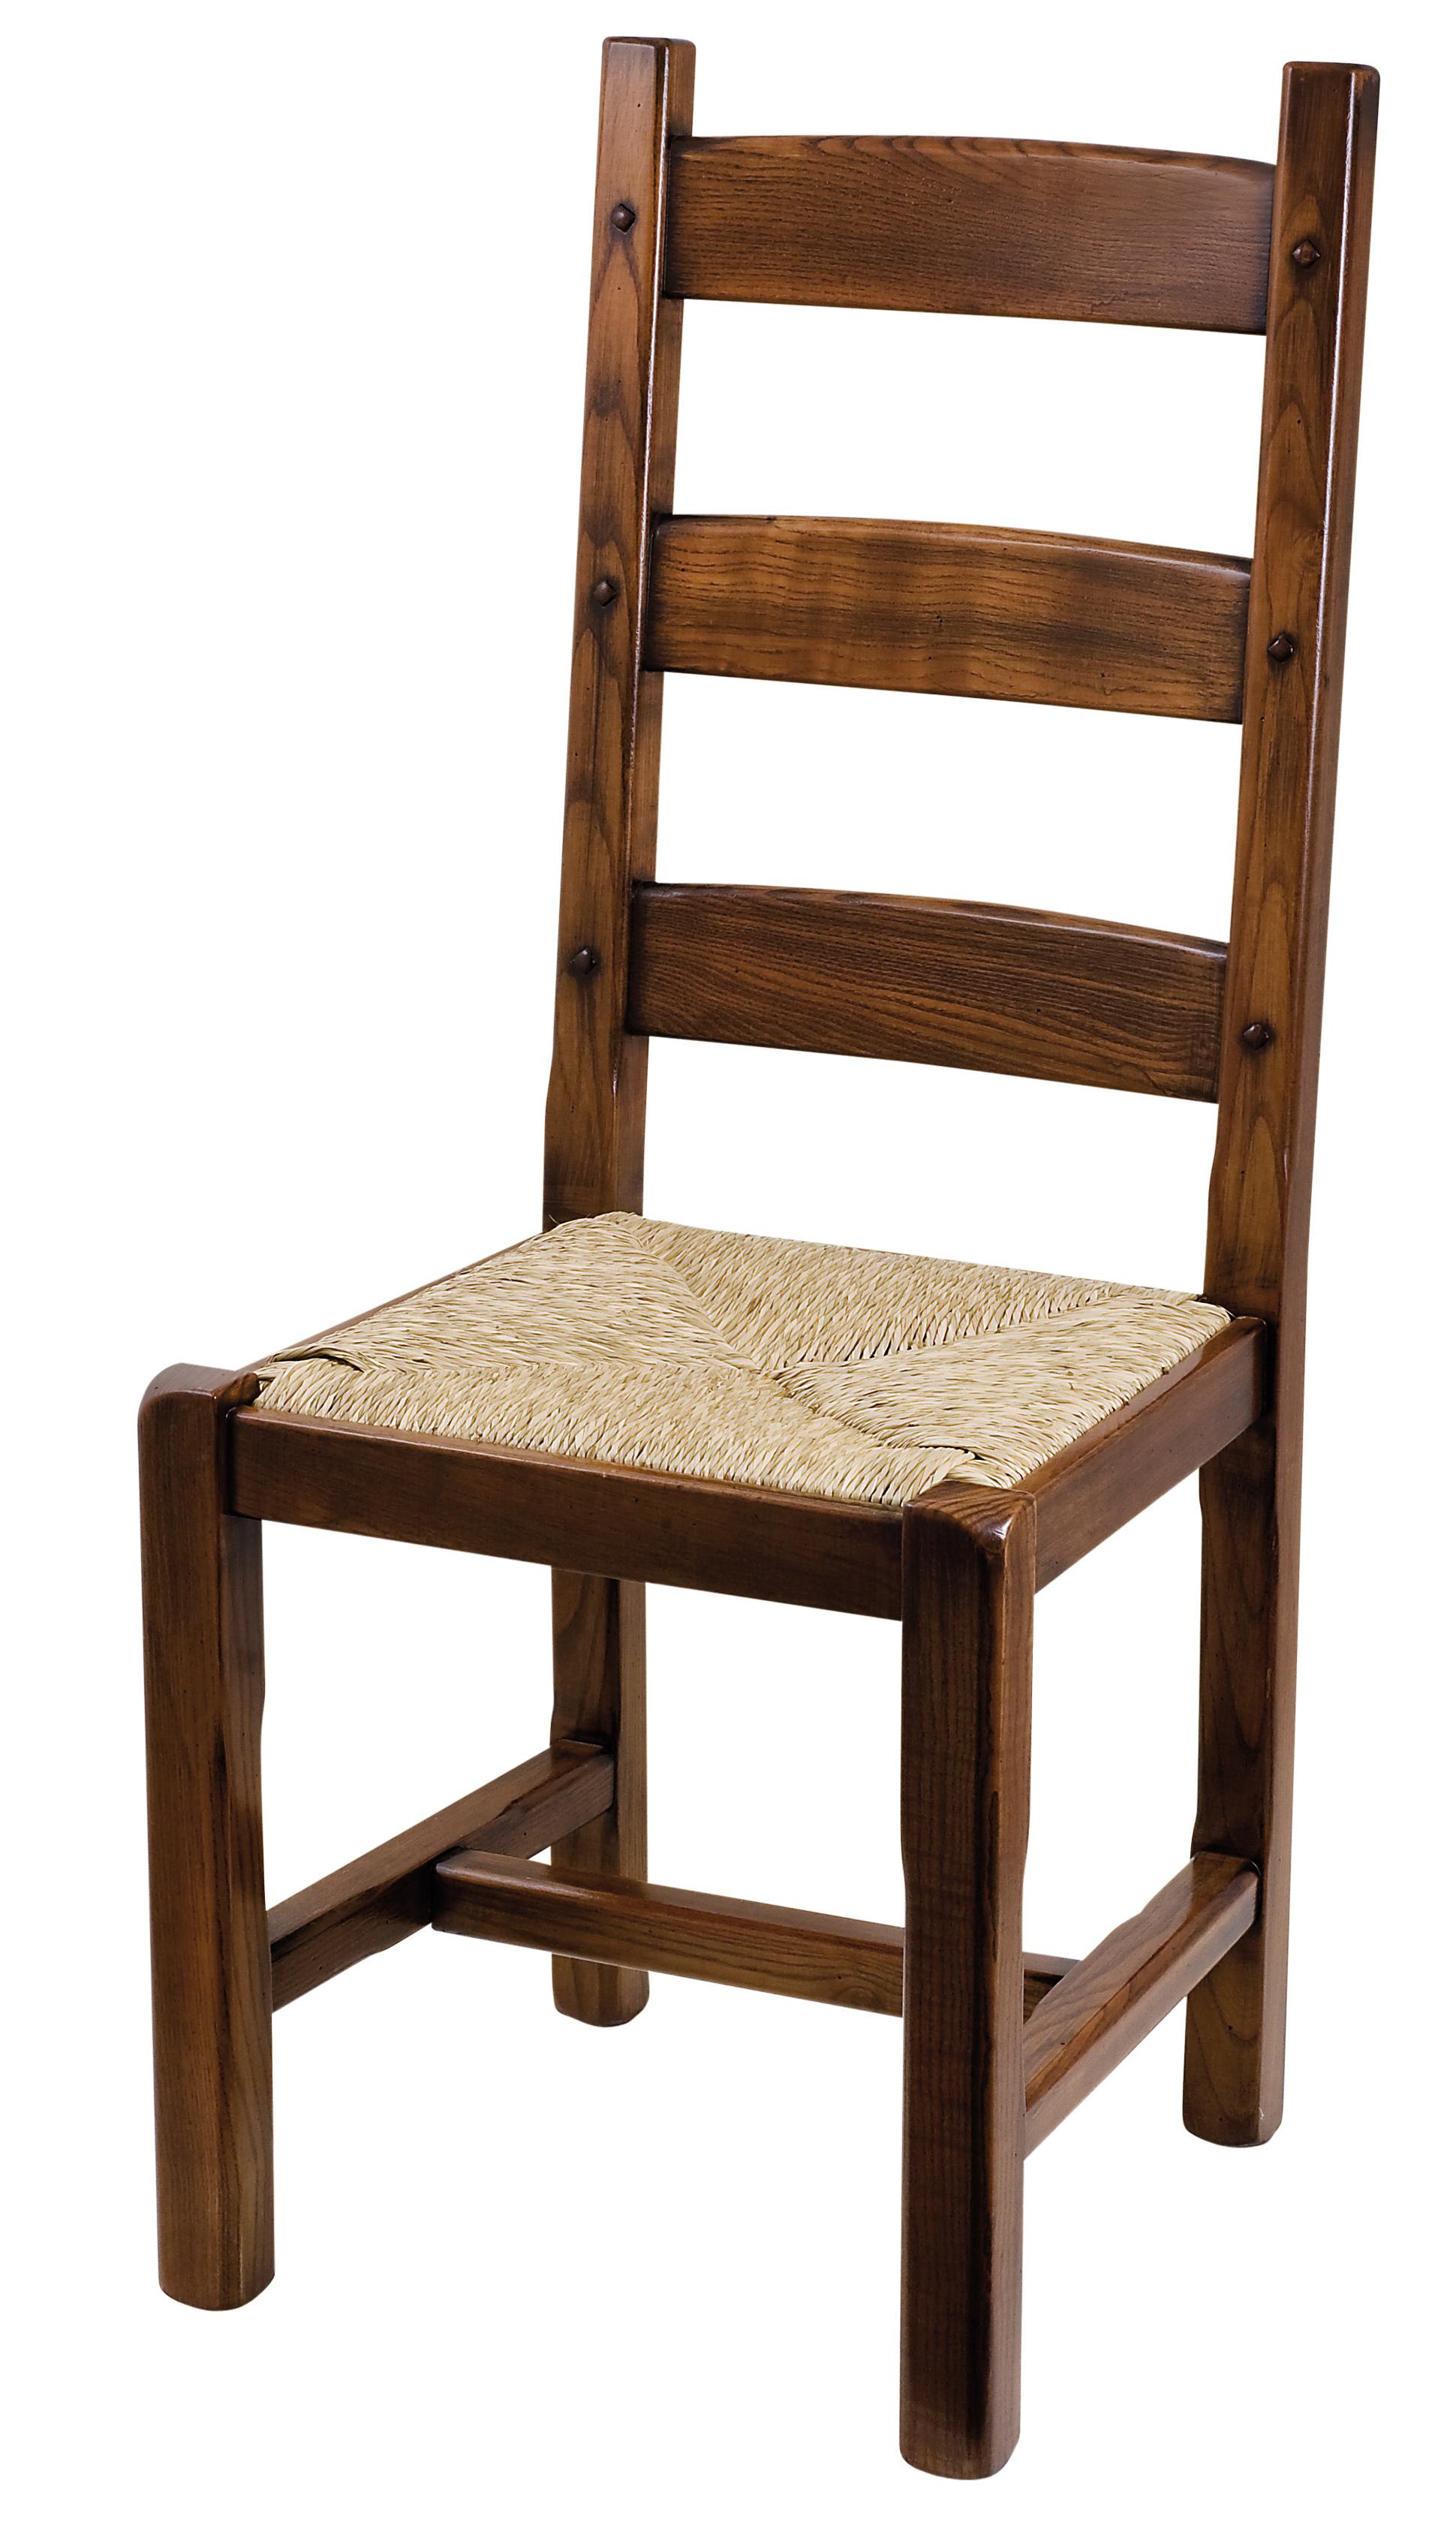 Sedie In Legno Arte Povera.Sedia Legno Arte Povera Art 551 Bissoli